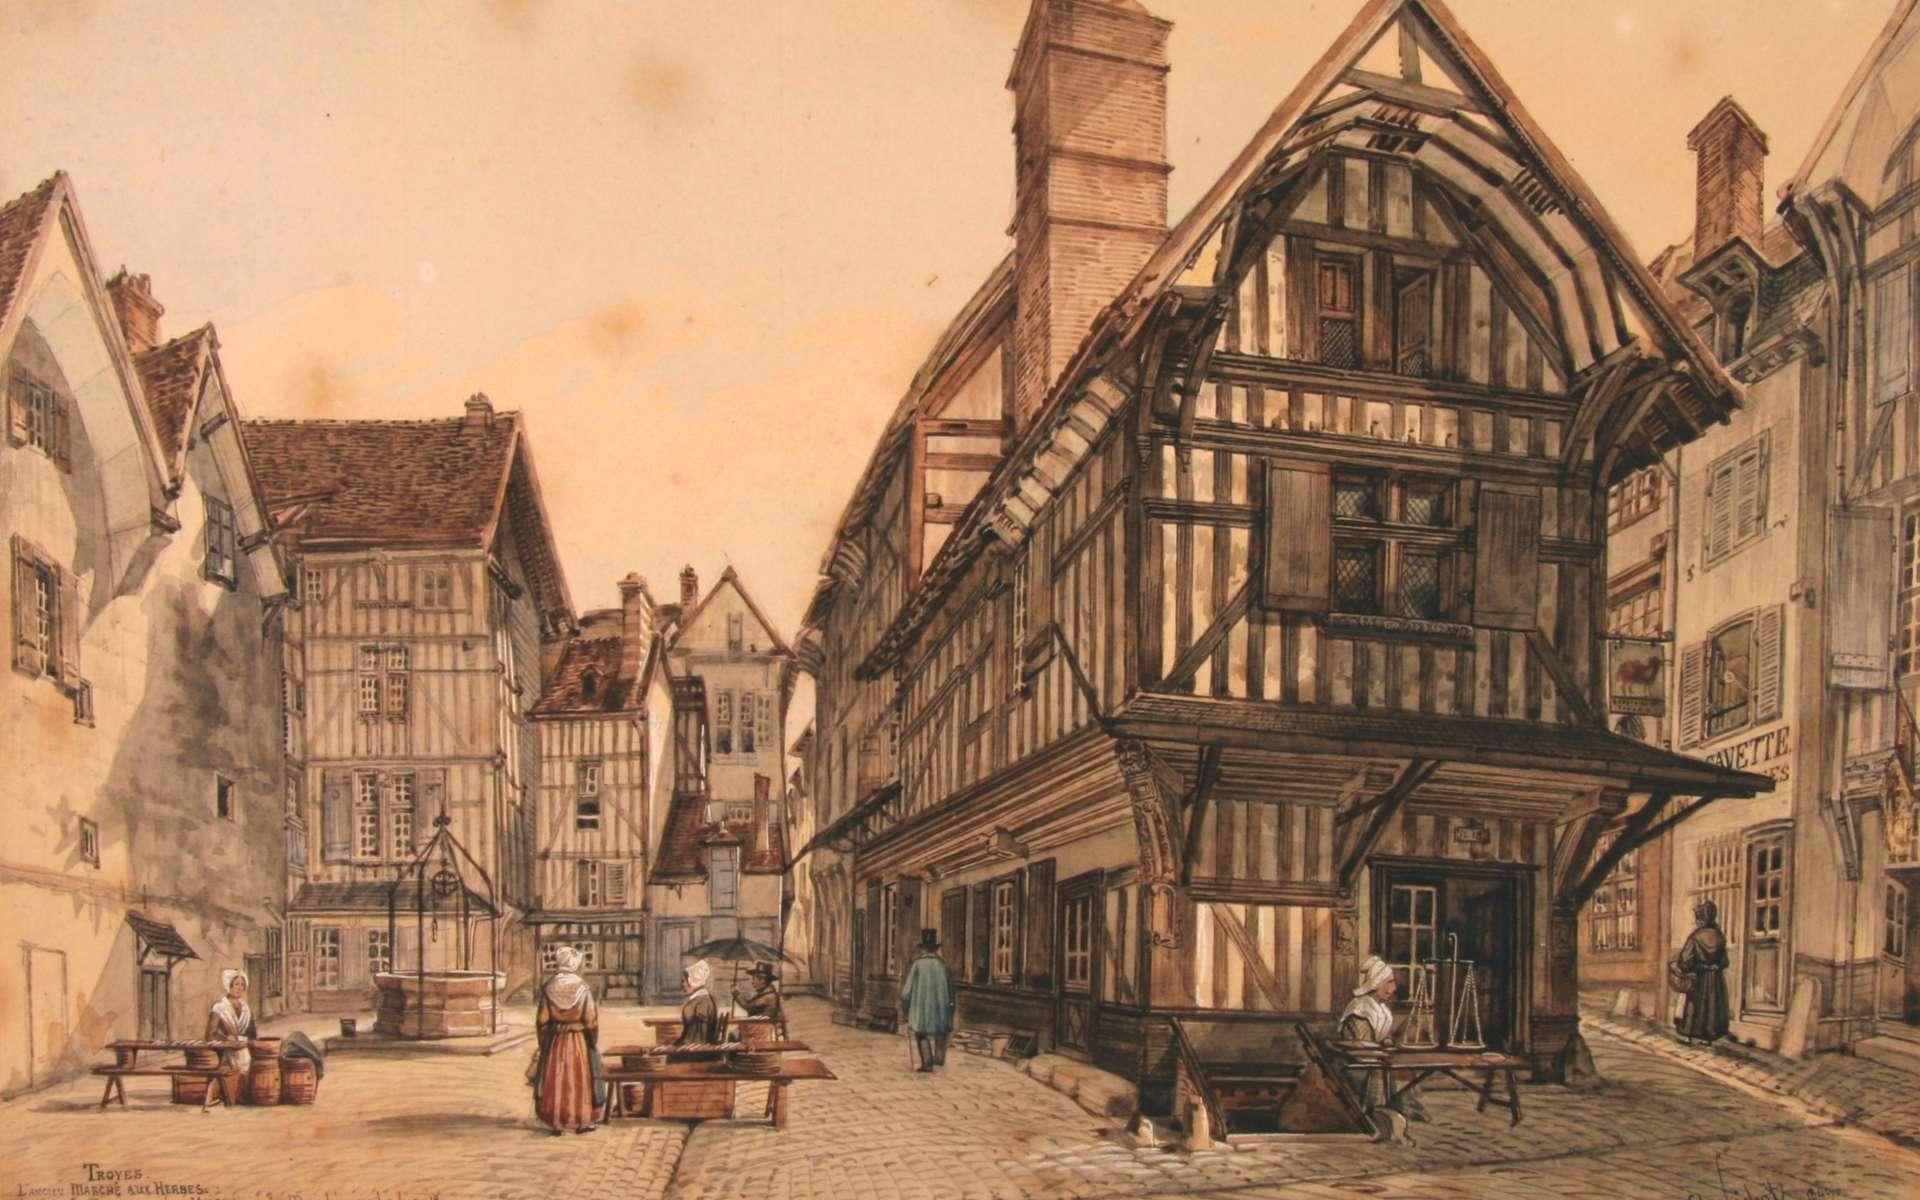 Tableau de Charles Fichot de l'ancien marché aux herbes à Troyes, en Champagne. © DP